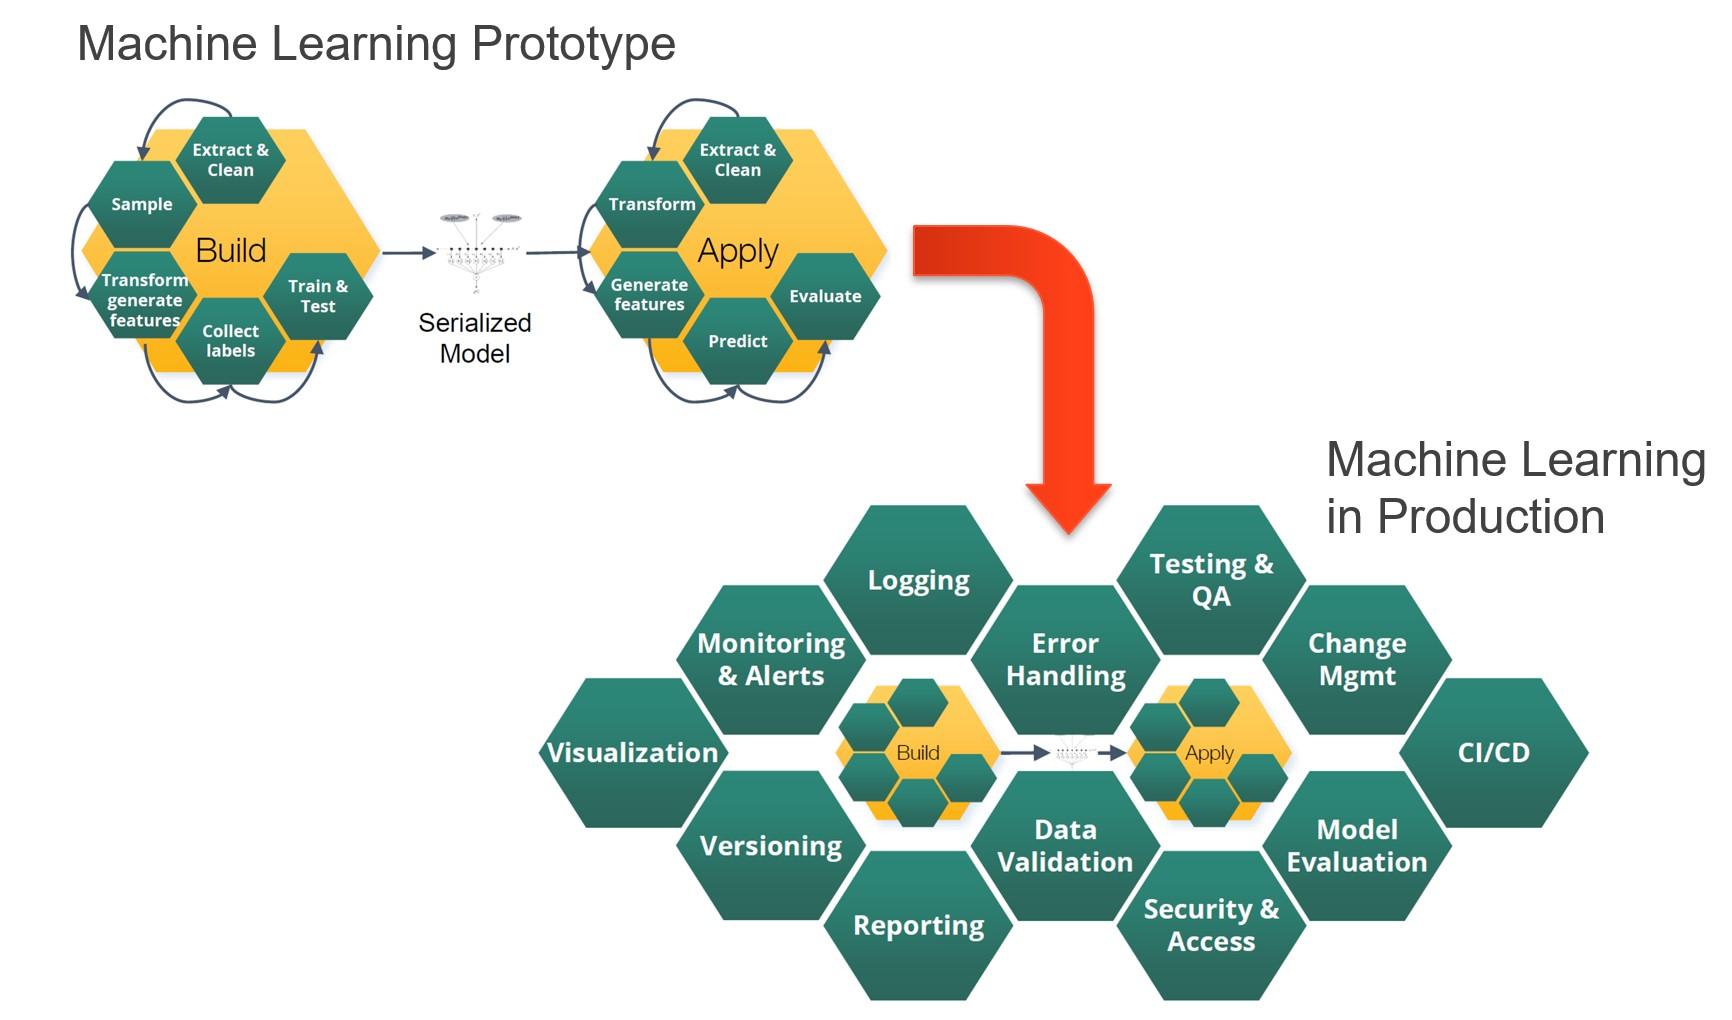 Unterstützende Funktionen für produktive Machine-Learning-Lösungen. (Abb. 11)